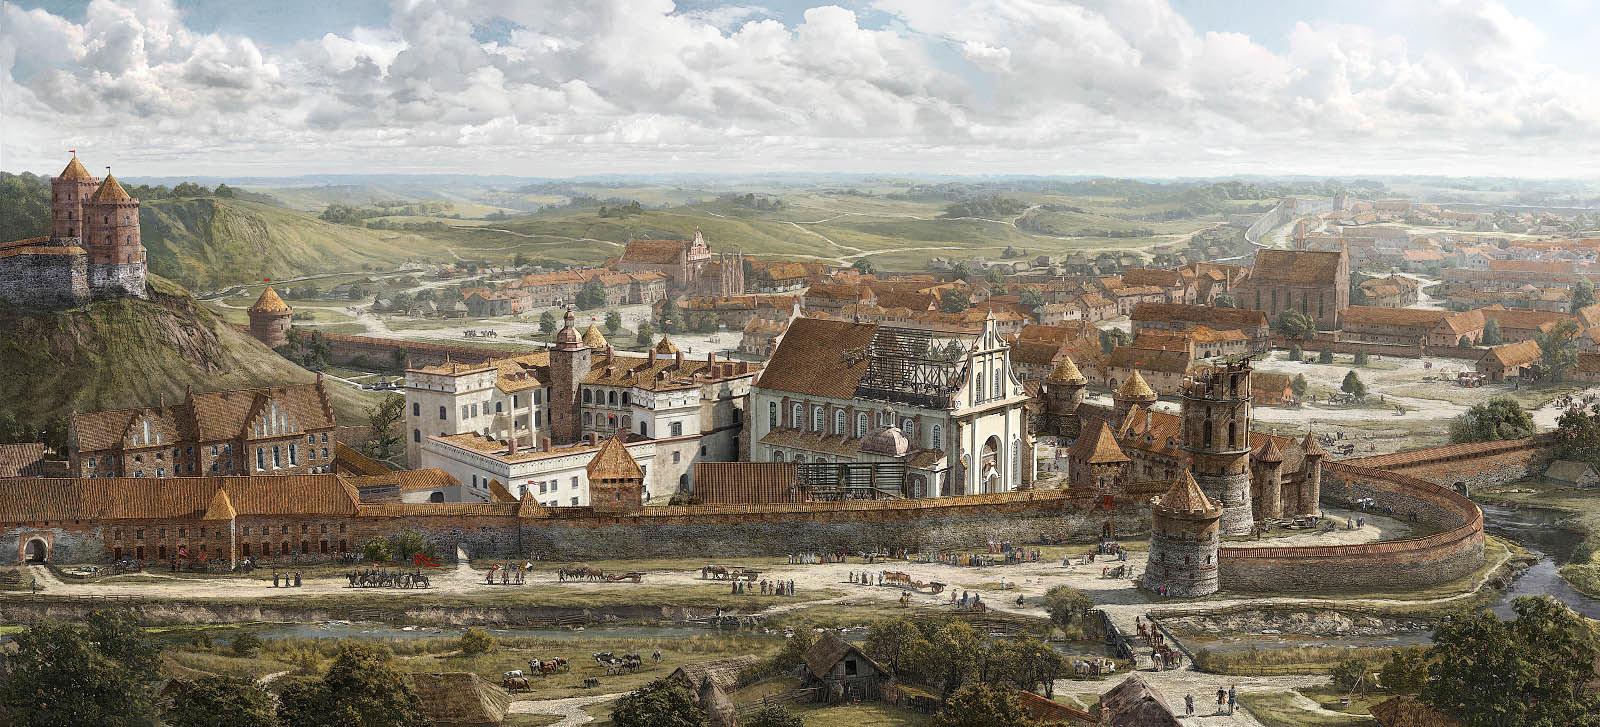 Medieval city panorama